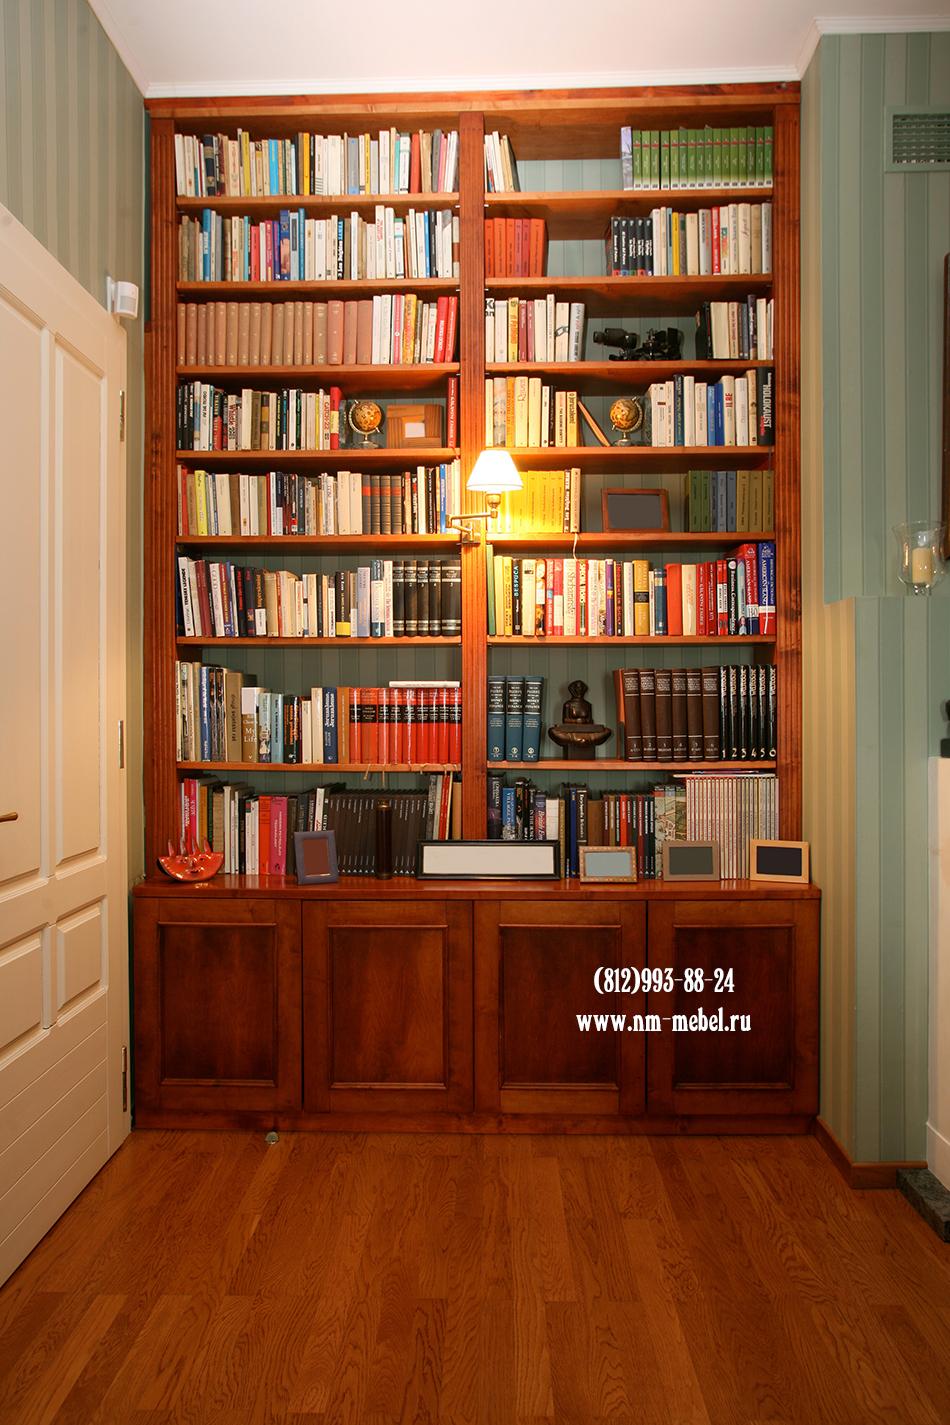 Книжные шкафы в петербурге на заказ. мебель для библиотеки: .